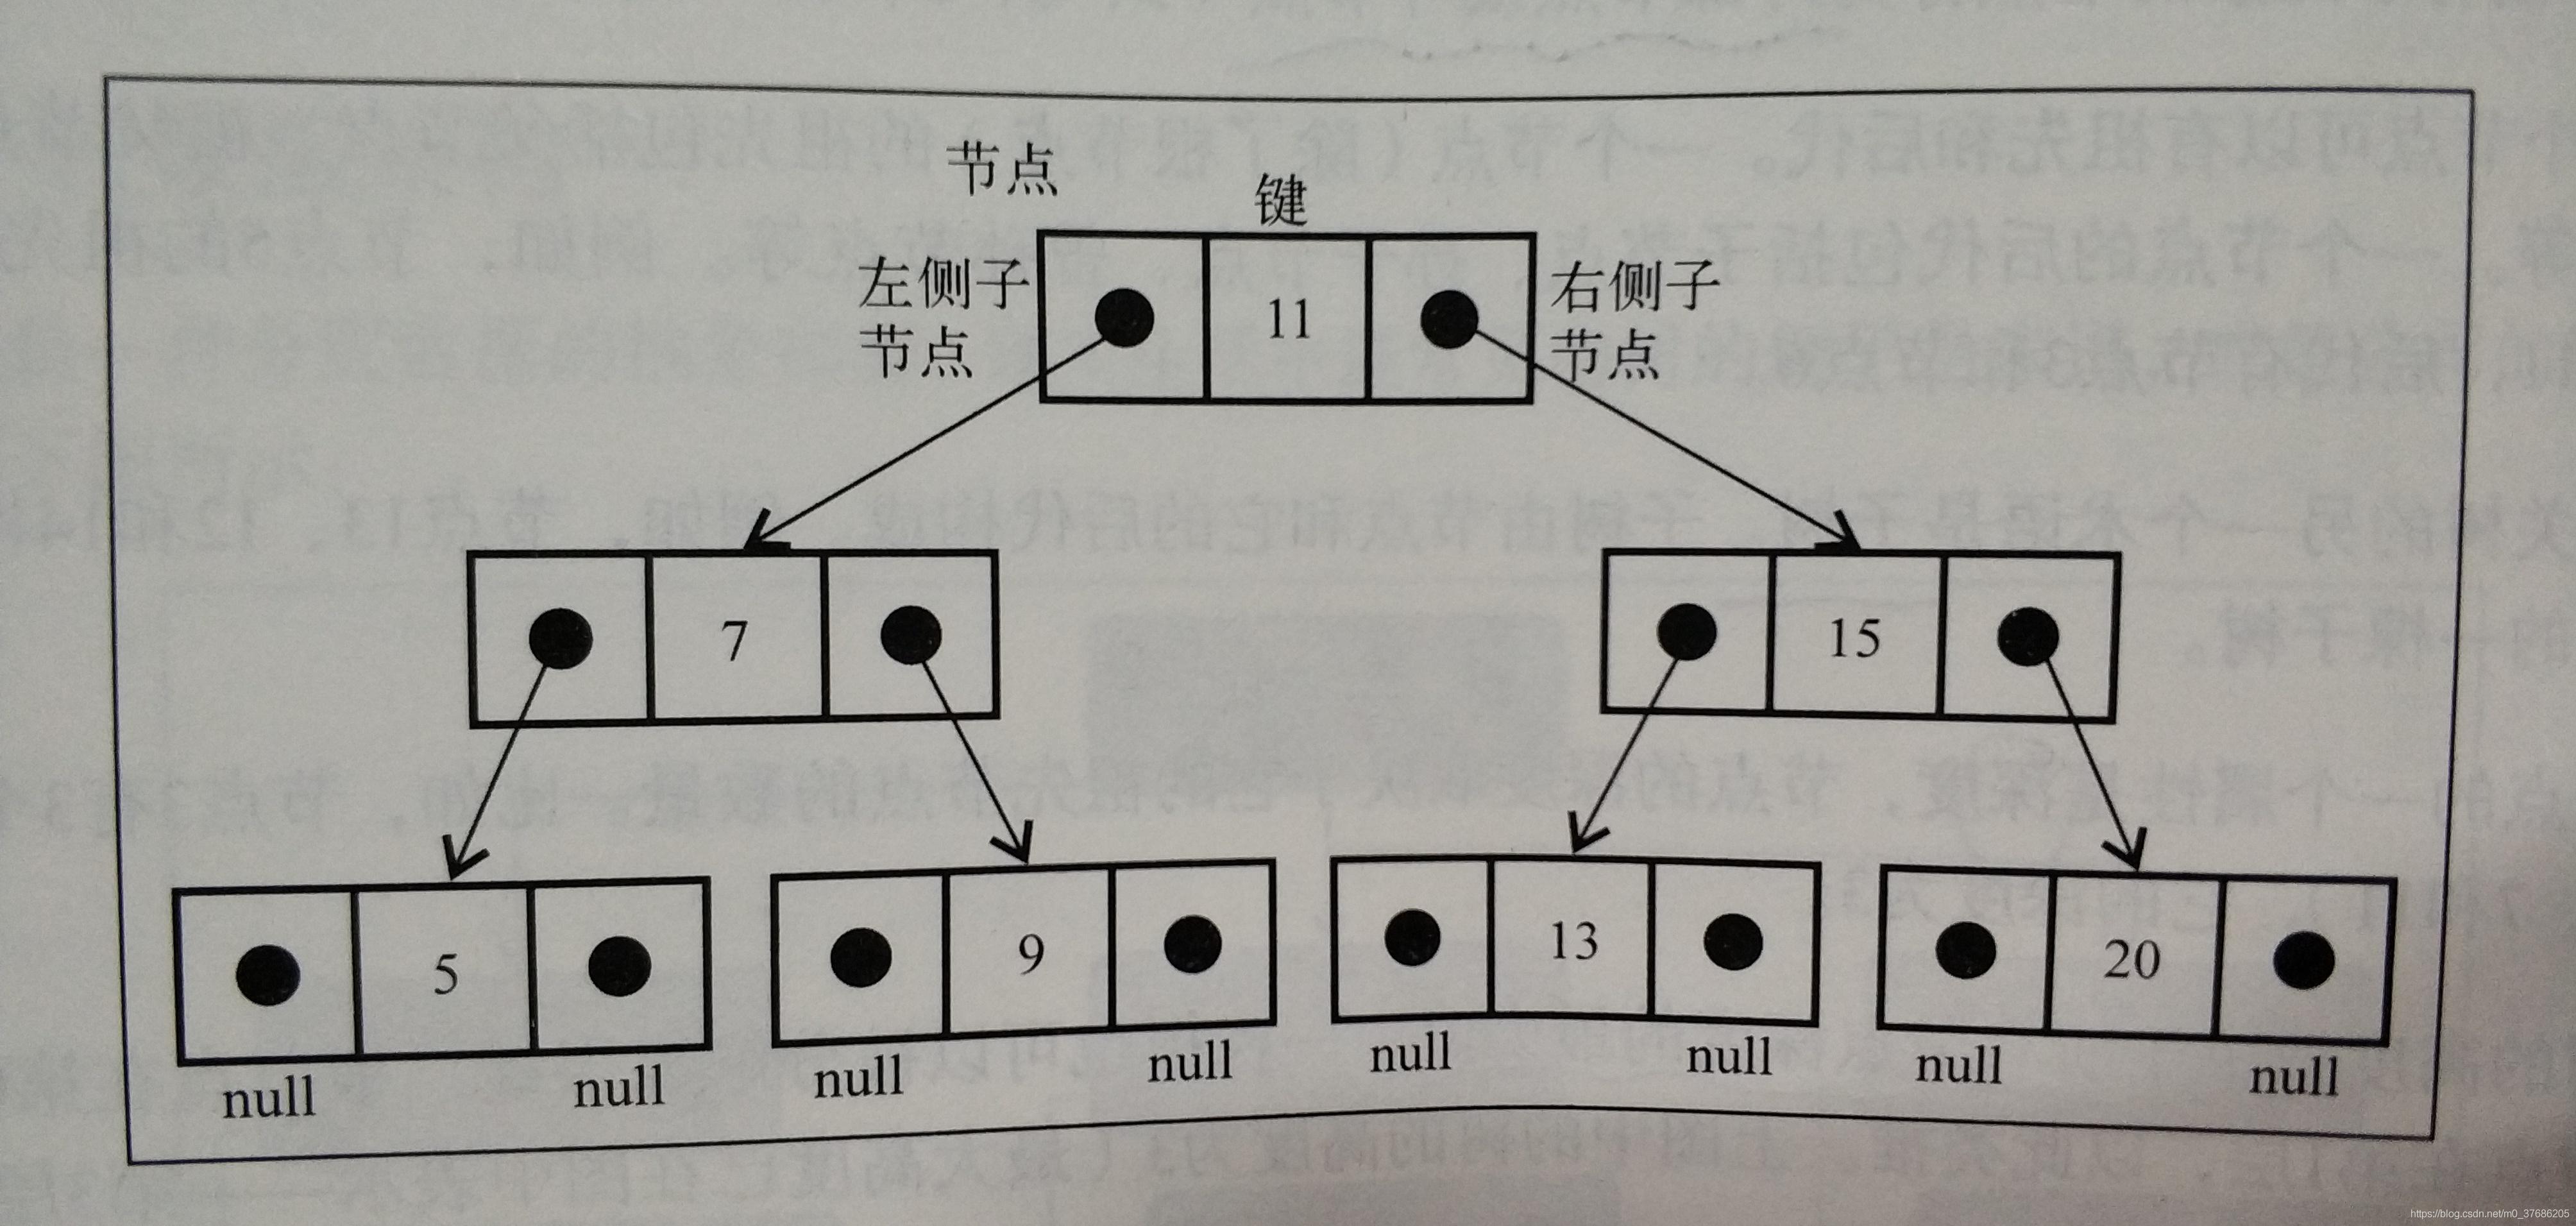 二叉搜索树数据结构的组织方式